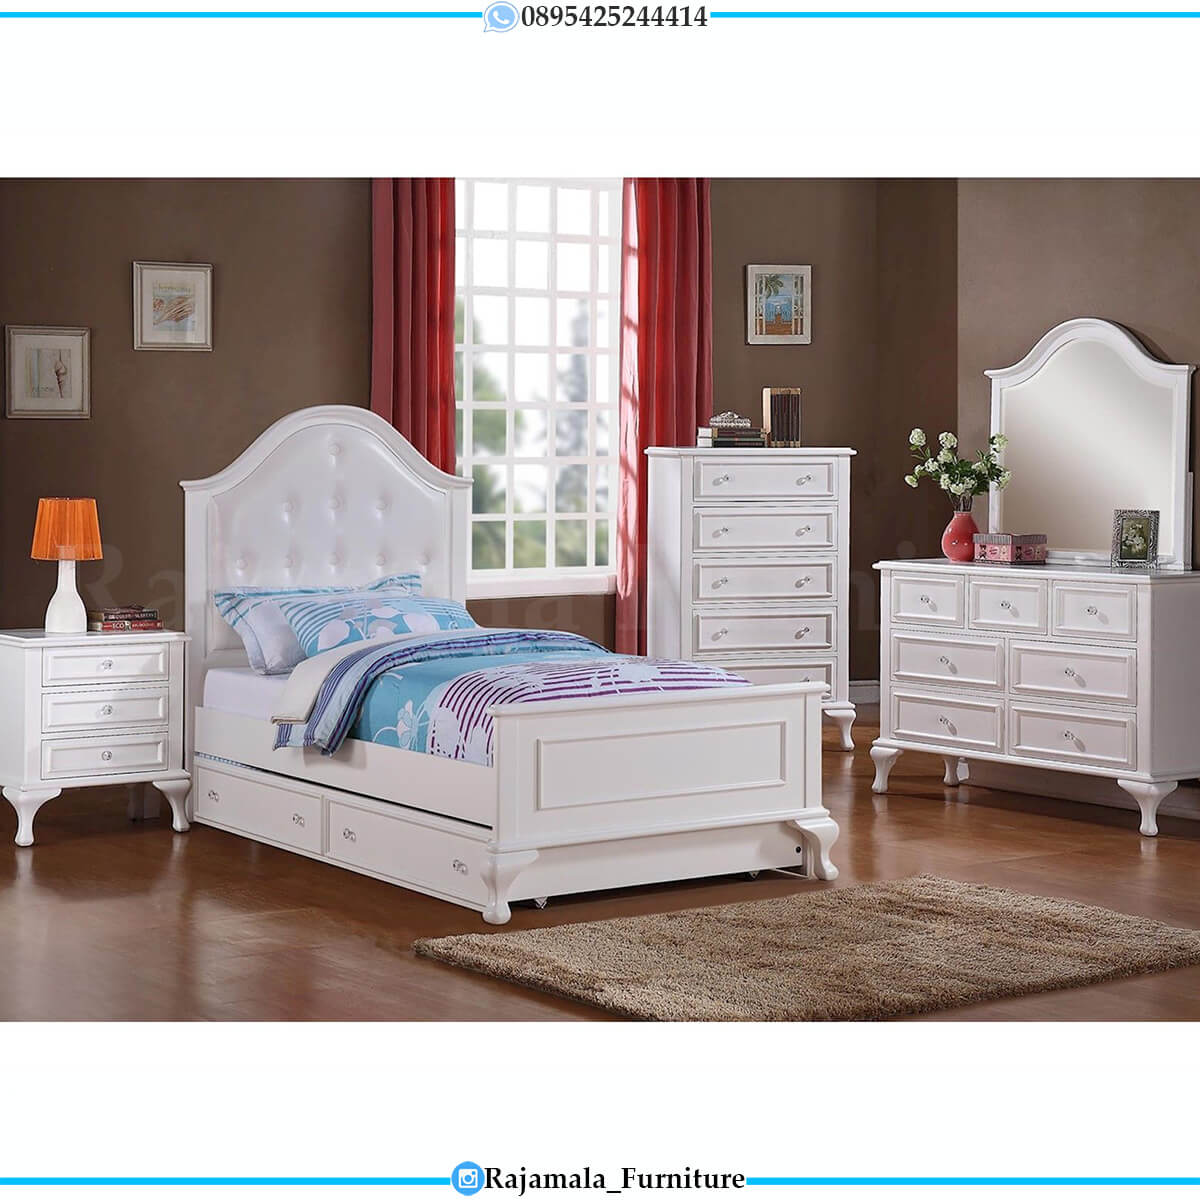 Jual Kamar Set Anak Minimalis Putih Duco Harga Murah RM-0633